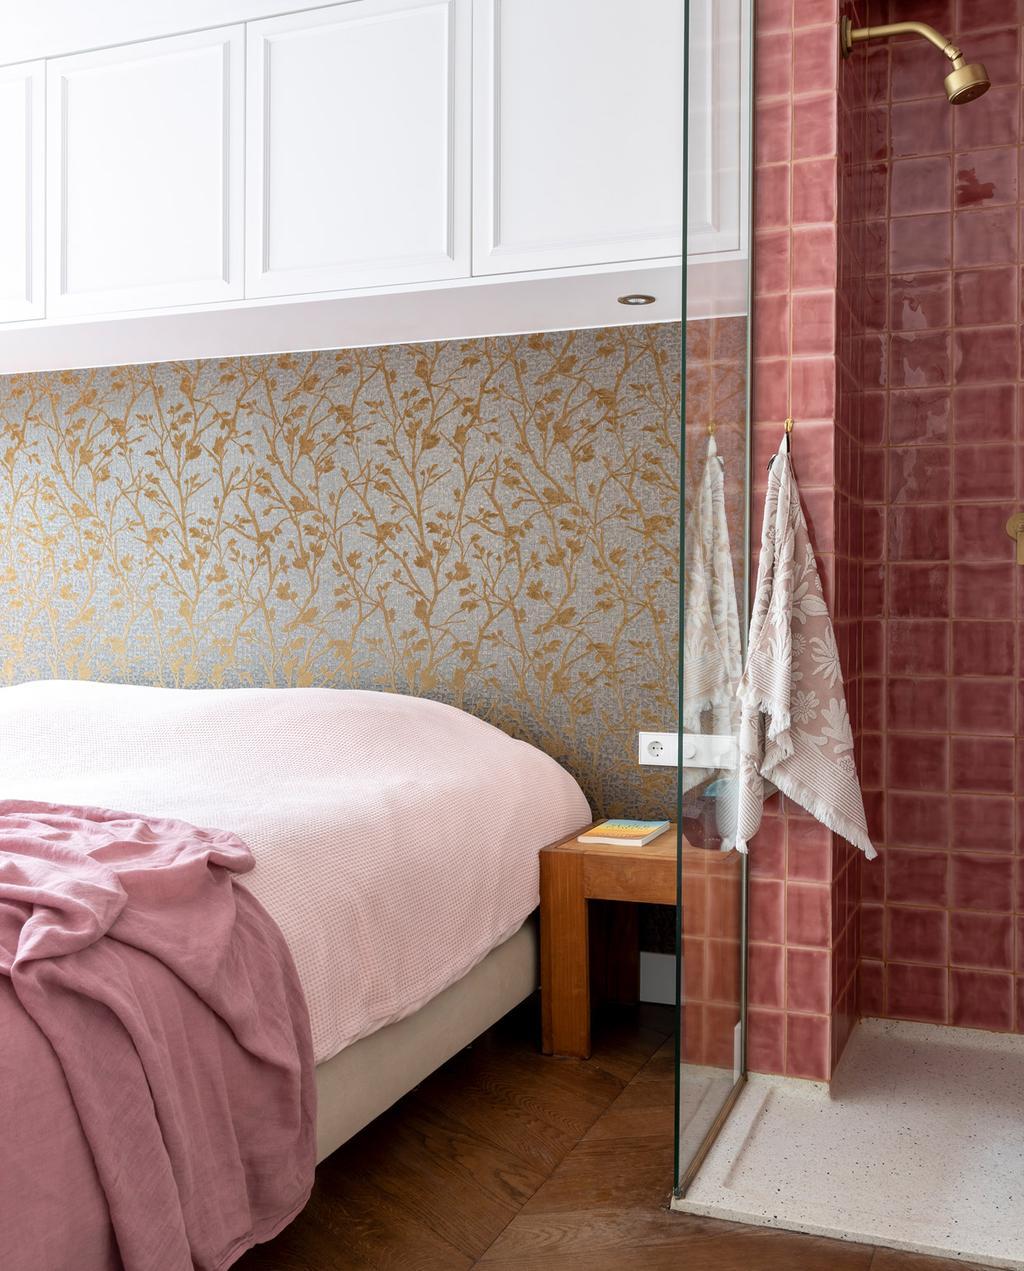 vtwonen special tiny houses | slaapkamer met hotelallure, roze dekbedvertrek en douche met gouden kraan